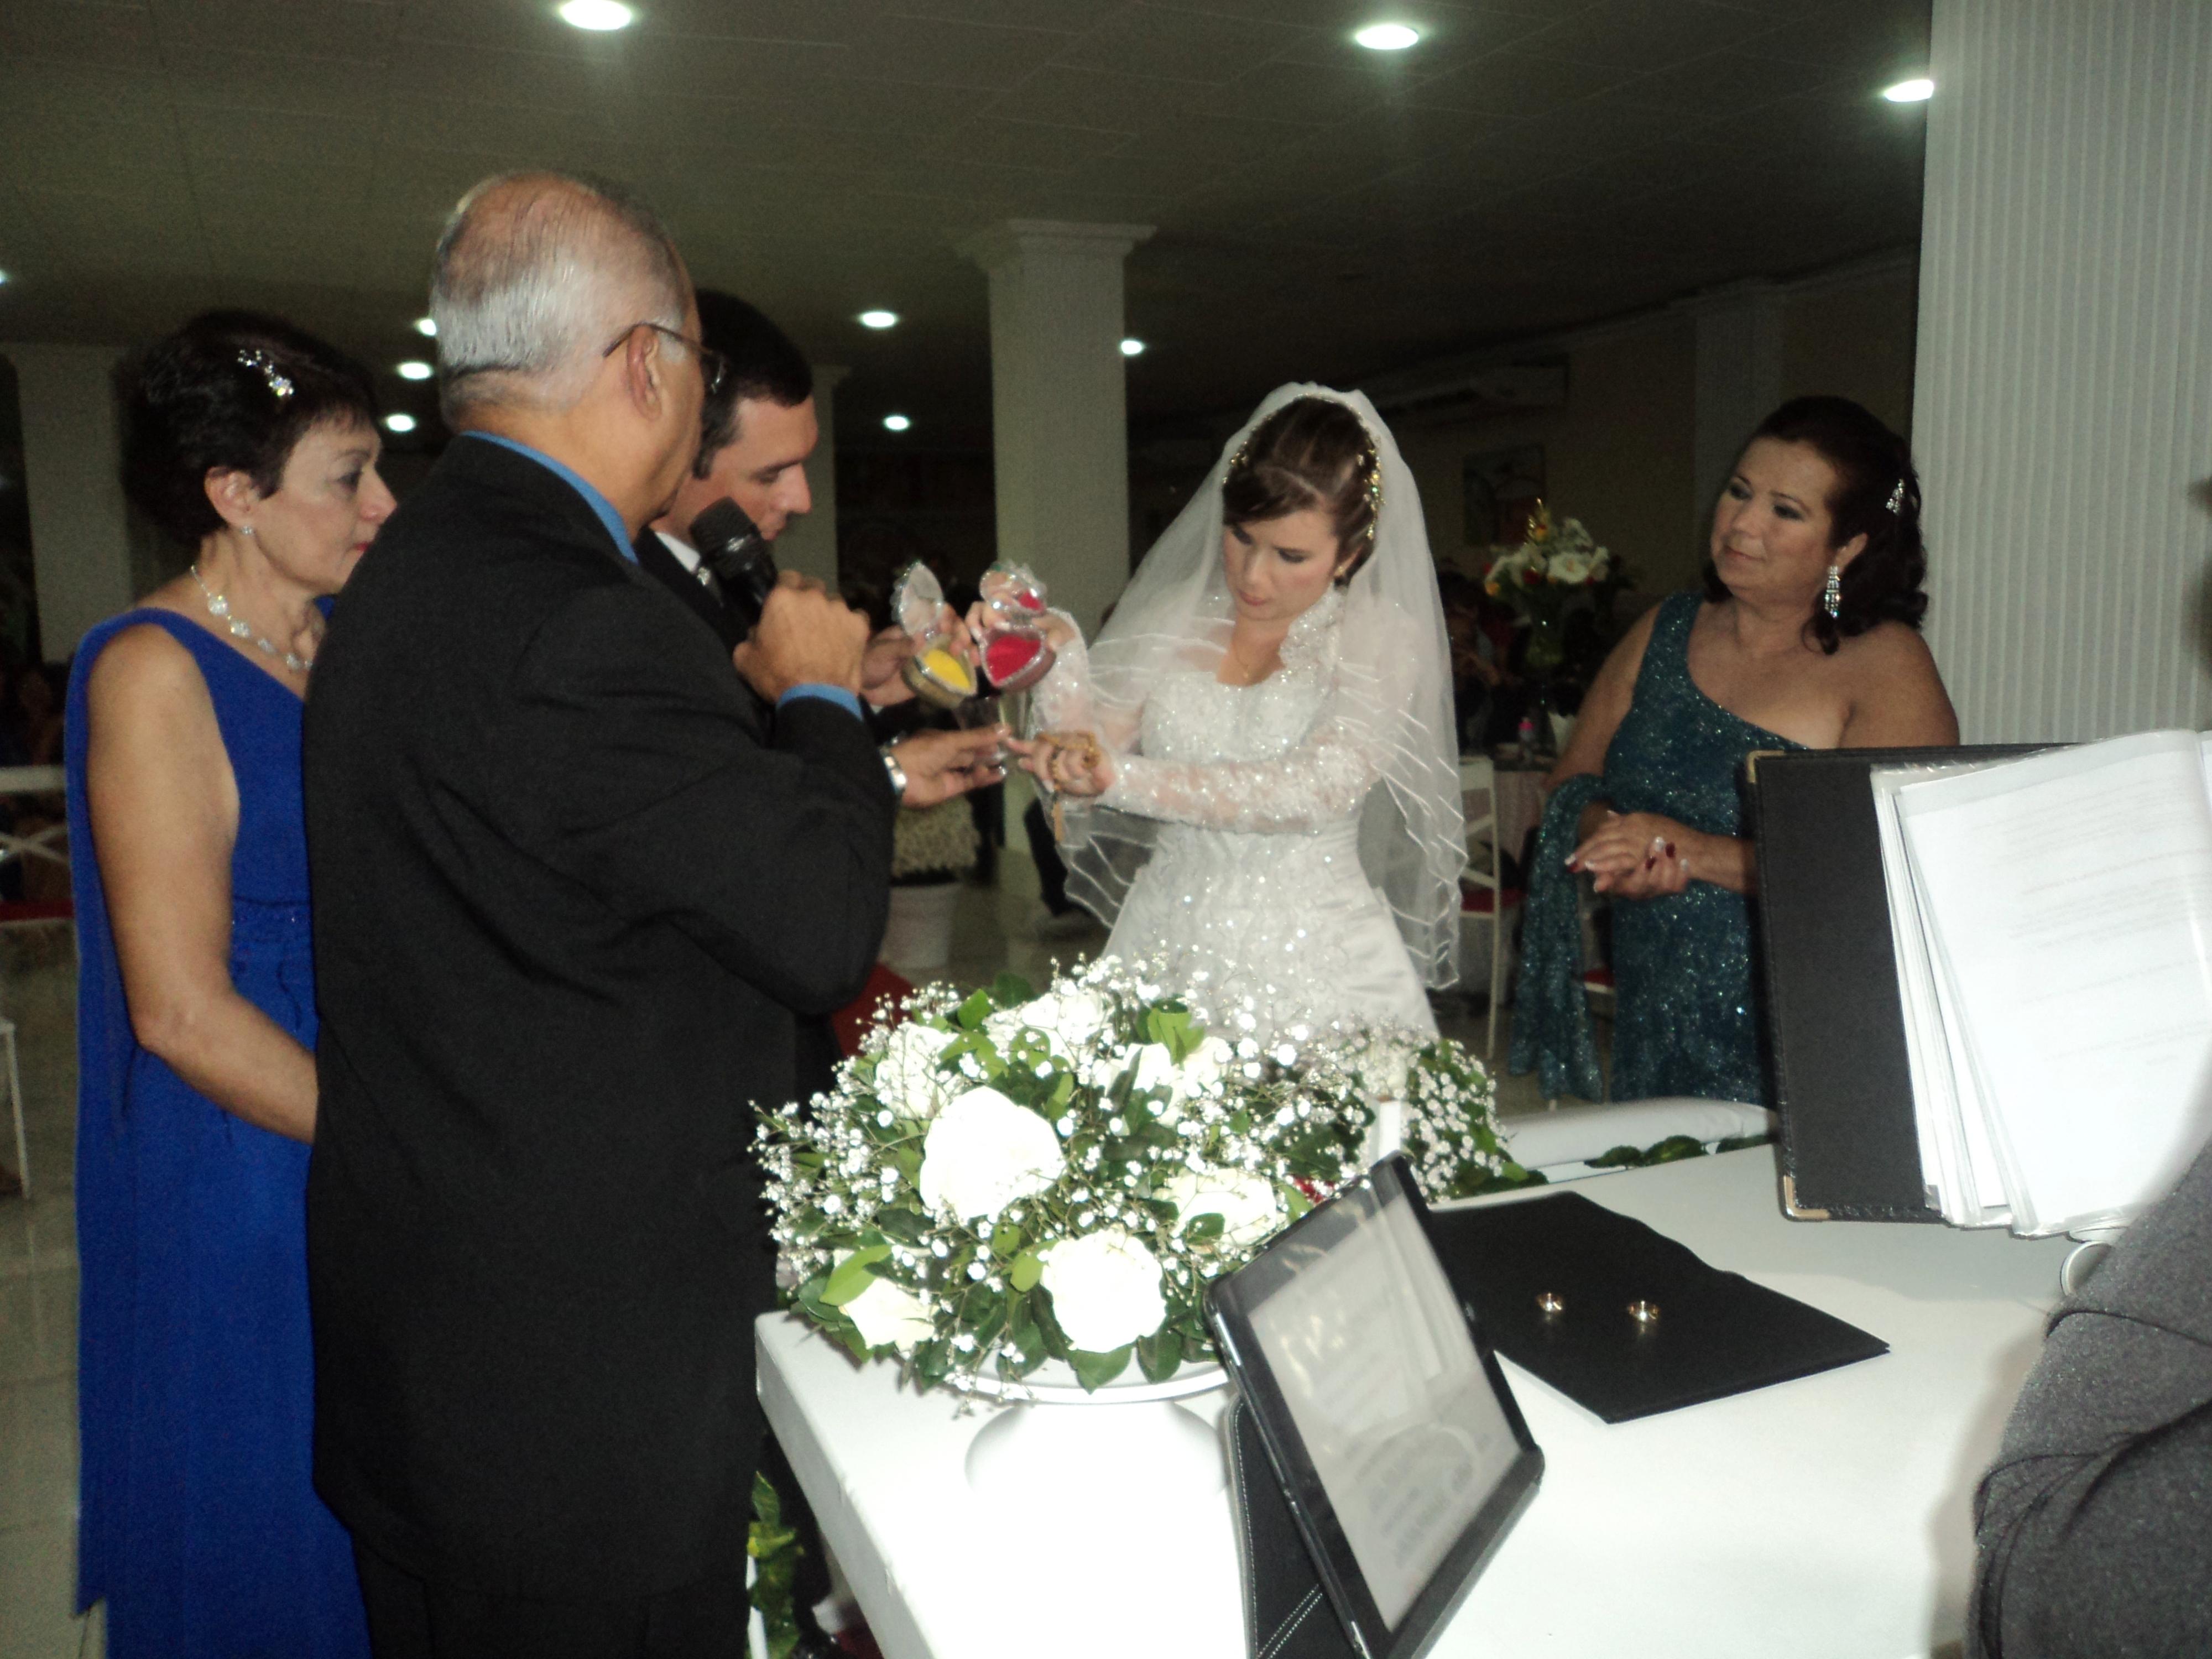 foto boa ritual com areias Túlio com noivos Manoel felipe e Juliana, 27.7.14, Sitio Quebra Dente